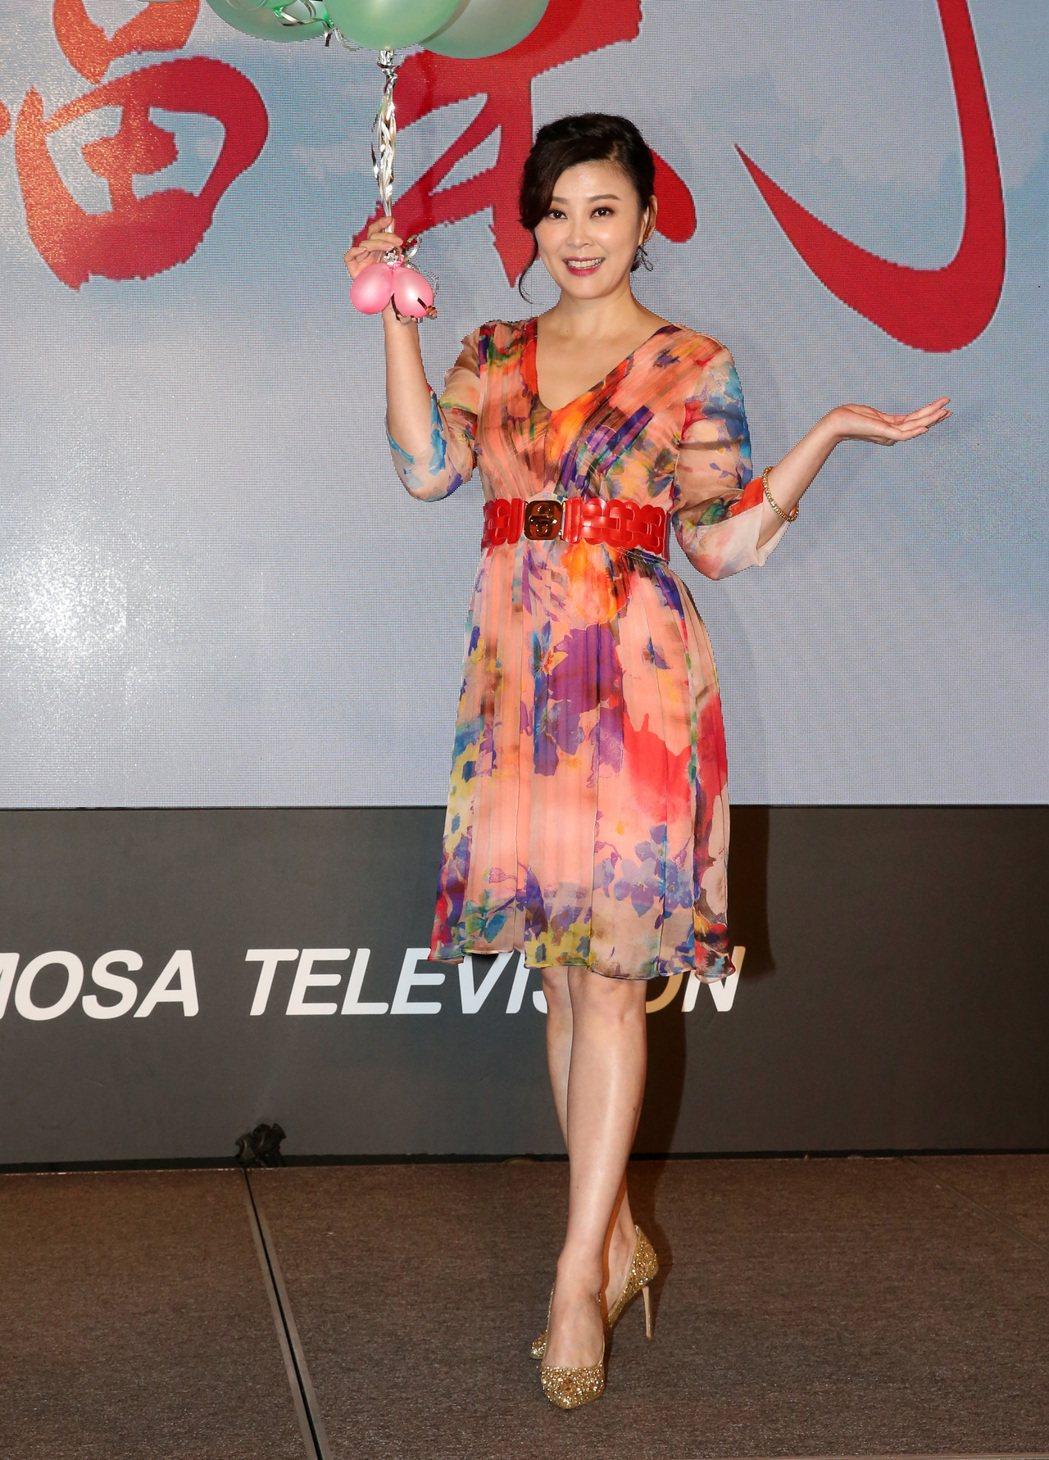 民視最新八點檔大戲「幸福來了」,演員方馨。記者胡經周/攝影